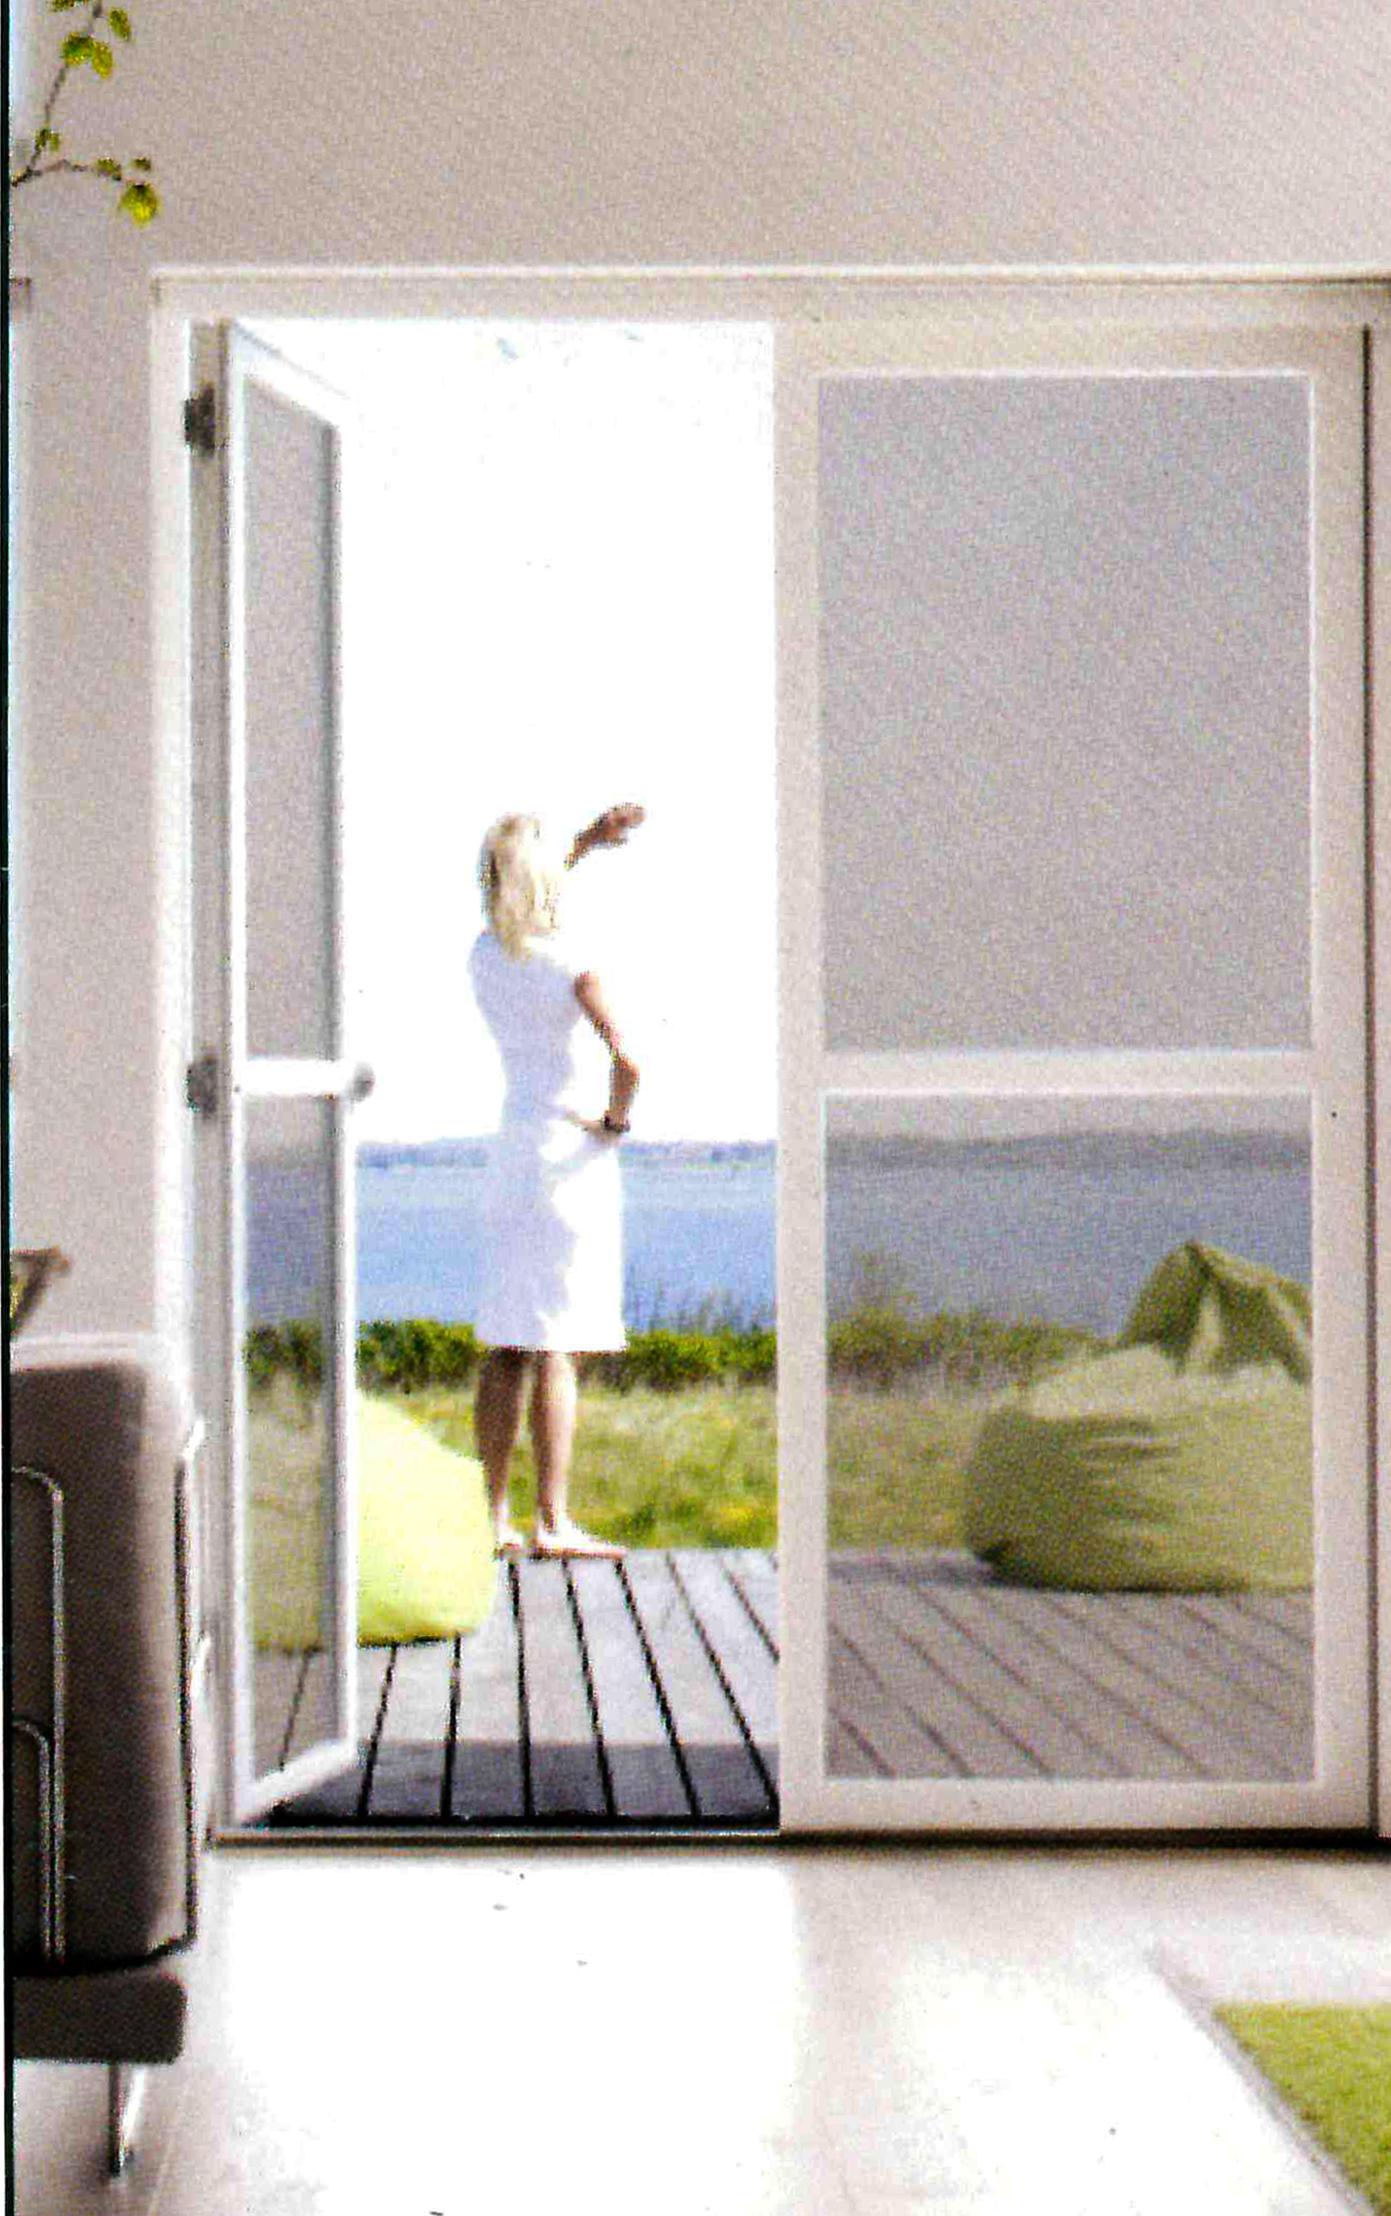 Zanzariere g g serrande produzione serrande inox infissi casa - Serrande elettriche per finestre ...